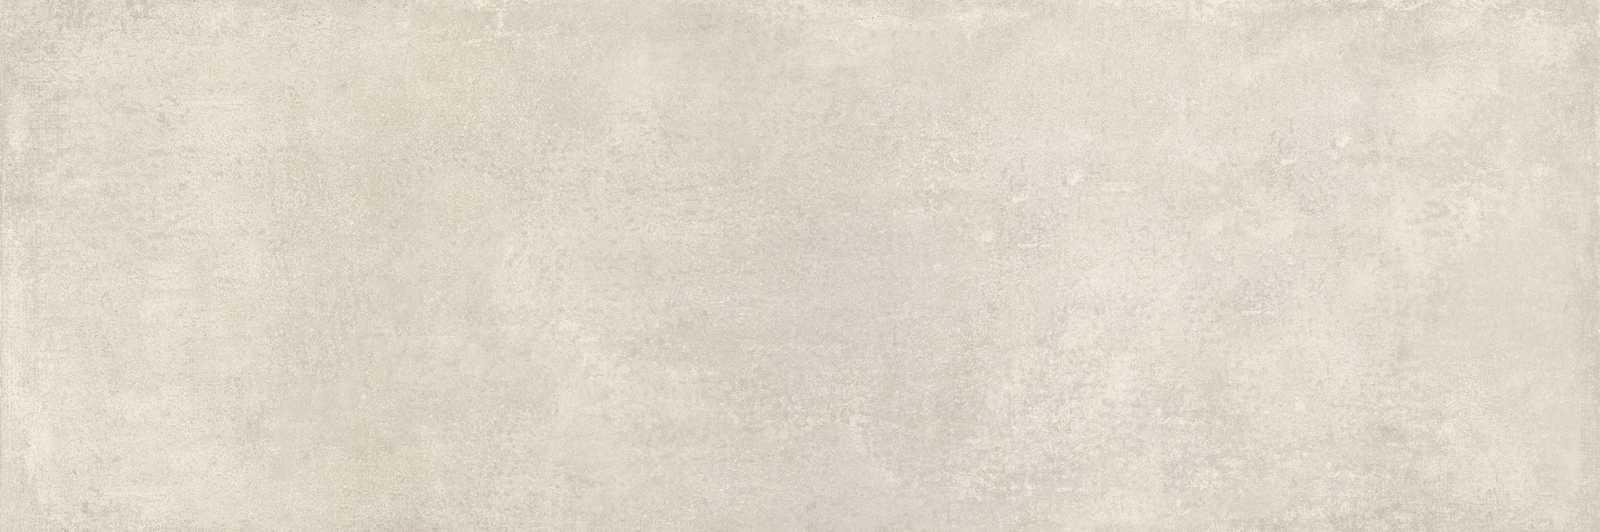 Стенни плочки Fresco Desert 32,5x97,7